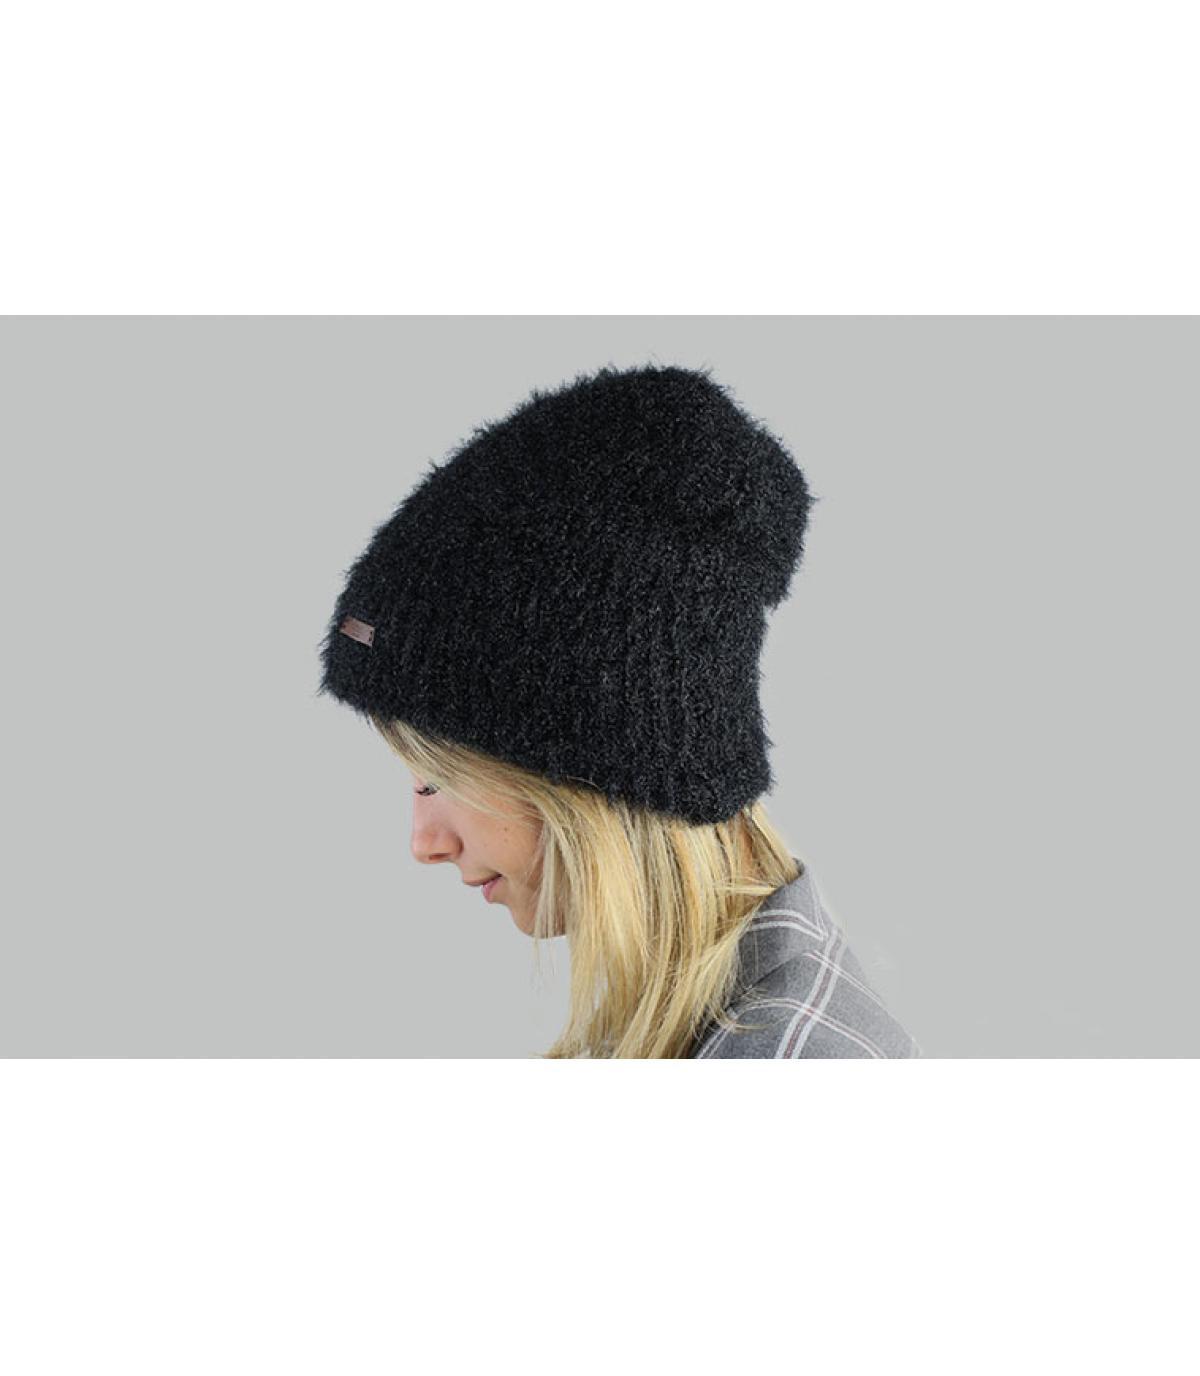 bonnet long noir Barts